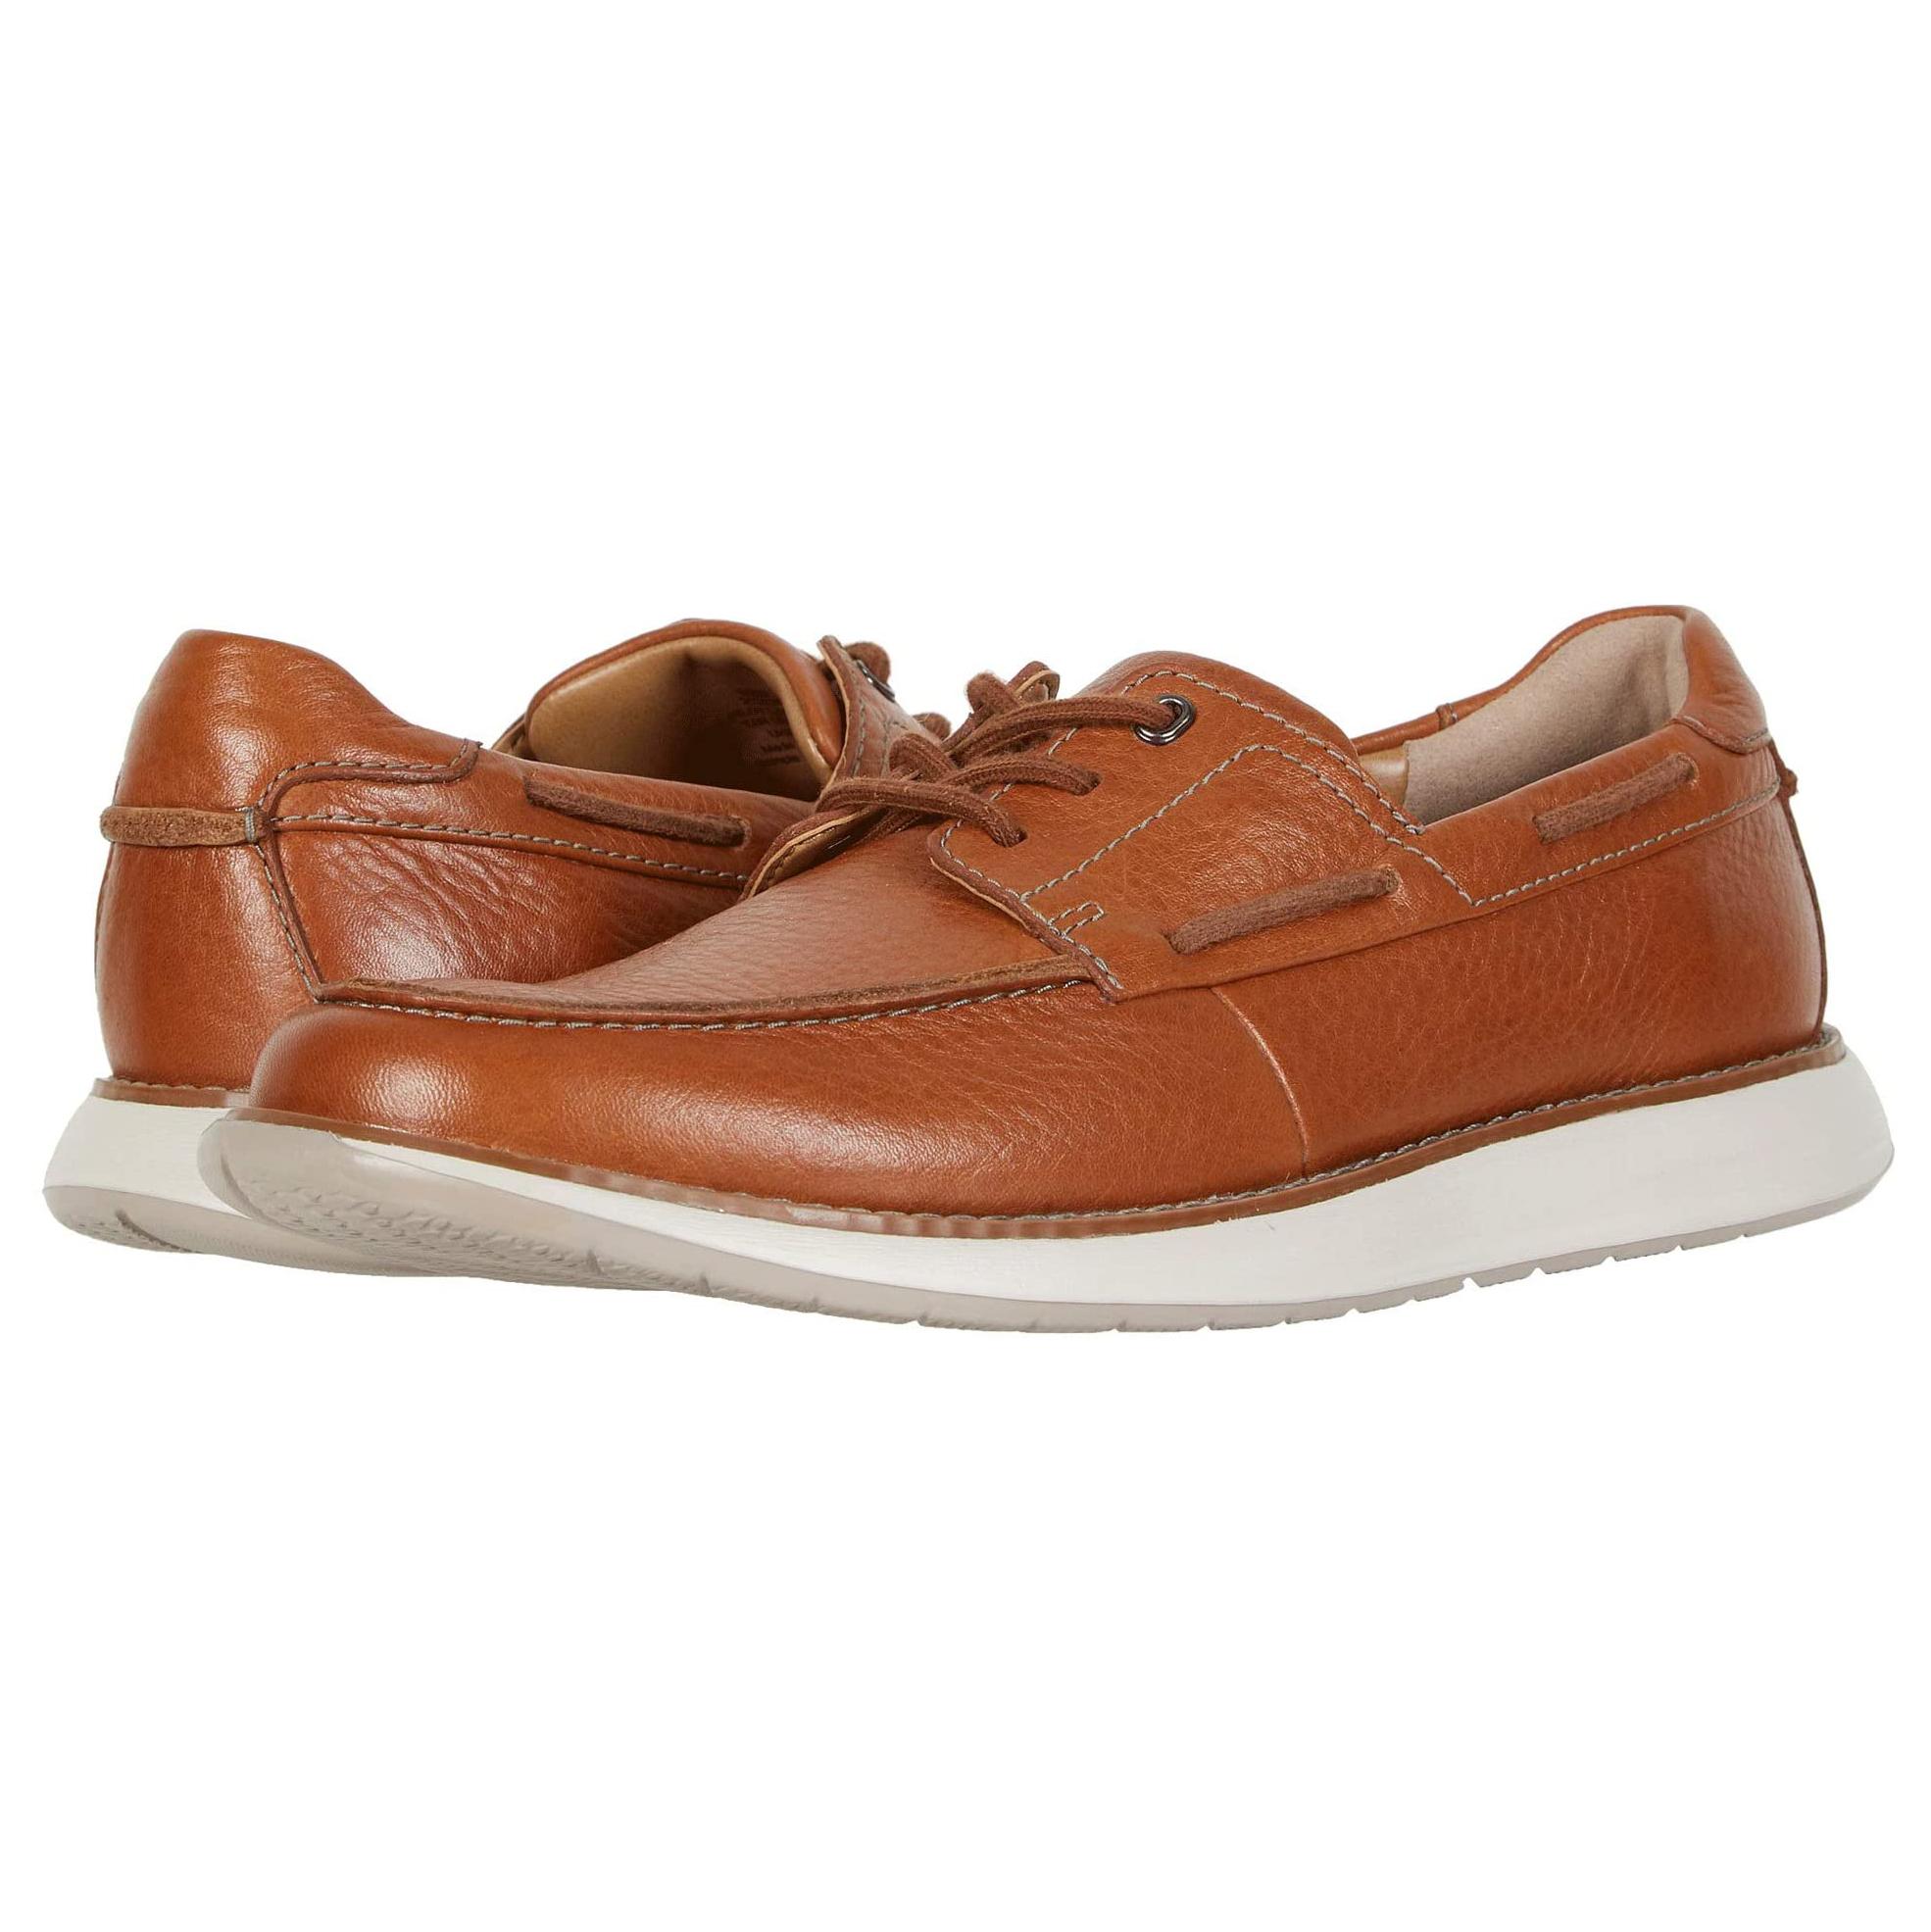 Clarks Un Pilot Lace Boat Shoes